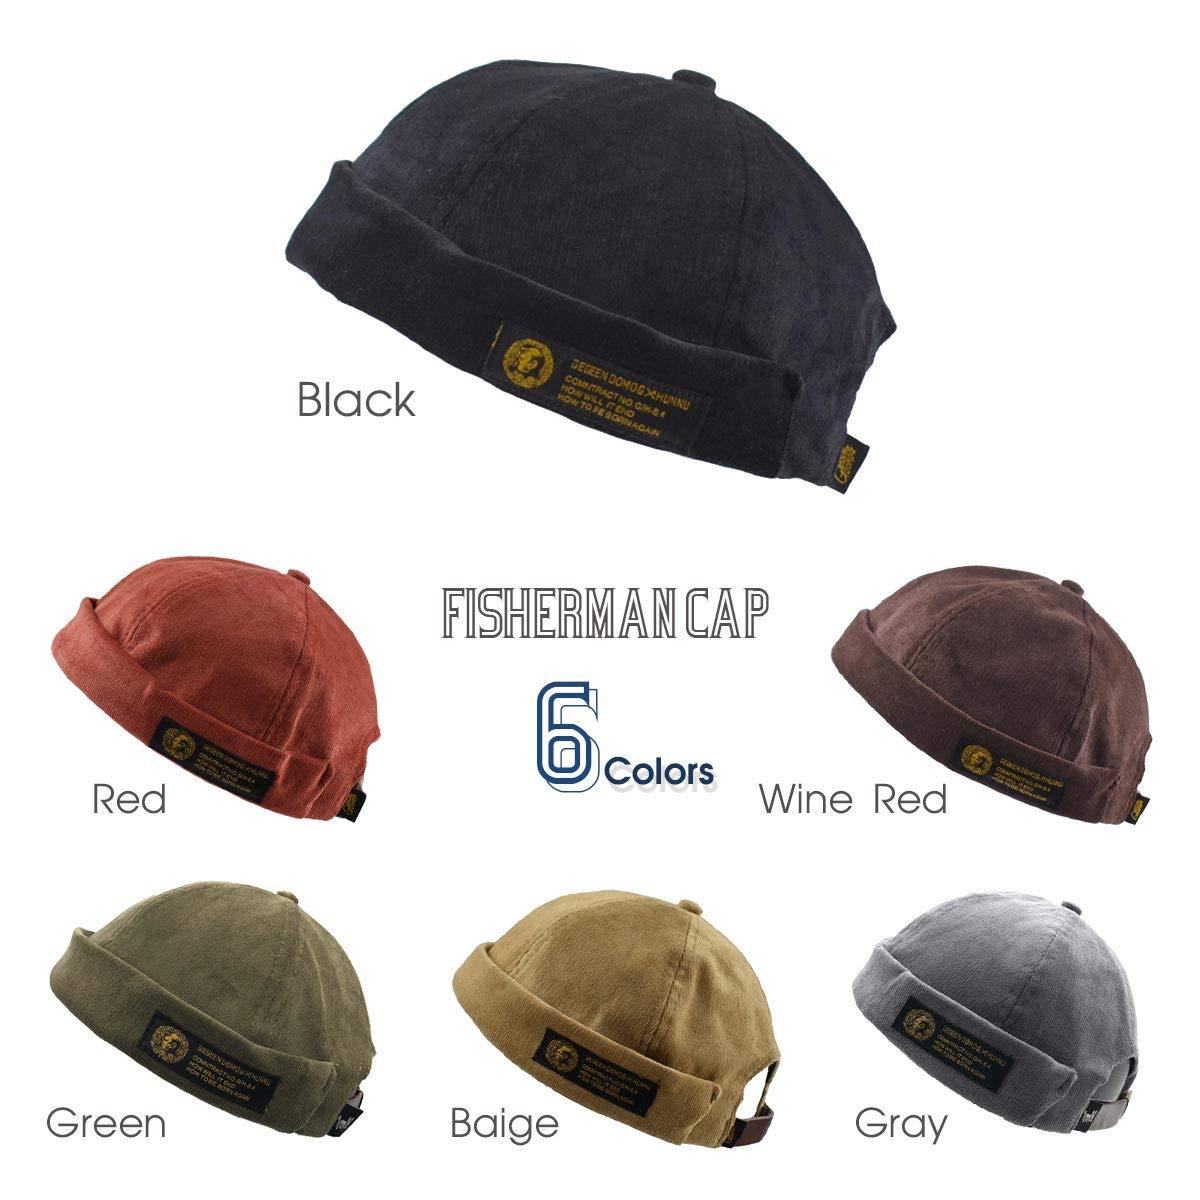 afb8a004b73f8 Amazon | [ネッカー] 帽子 キャップ フィッシャーマンキャップ ロールキャップ サグキャップ ツバ無し (緑) | キャップ 通販